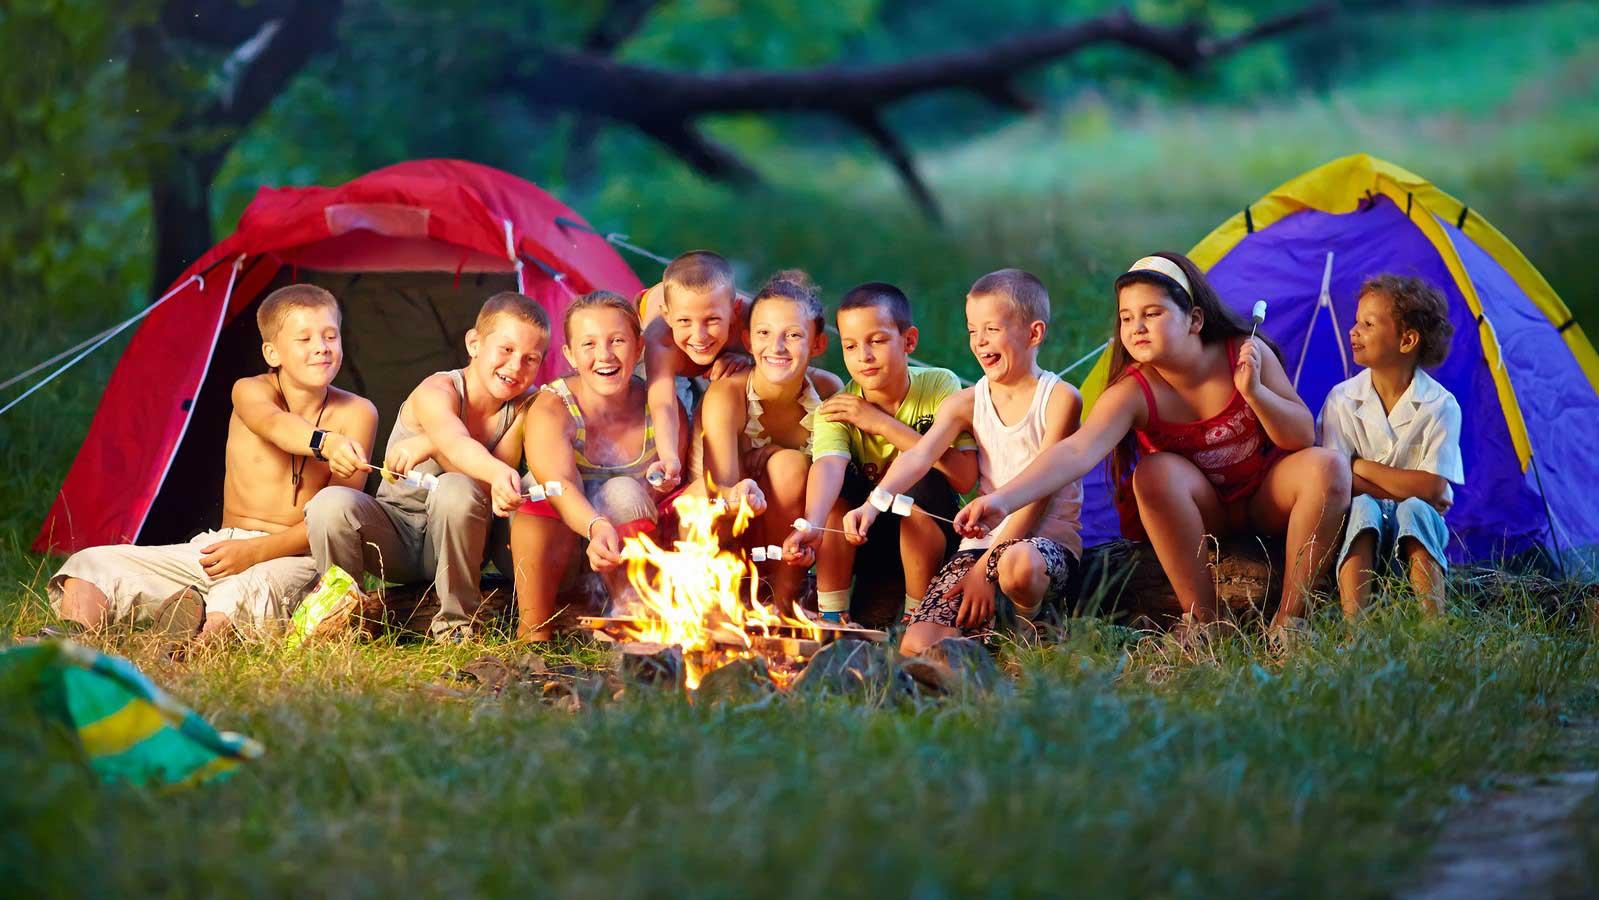 Майже триста дітей пільгових категорій з Прикарпаття відпочили та оздоровились у літніх таборах